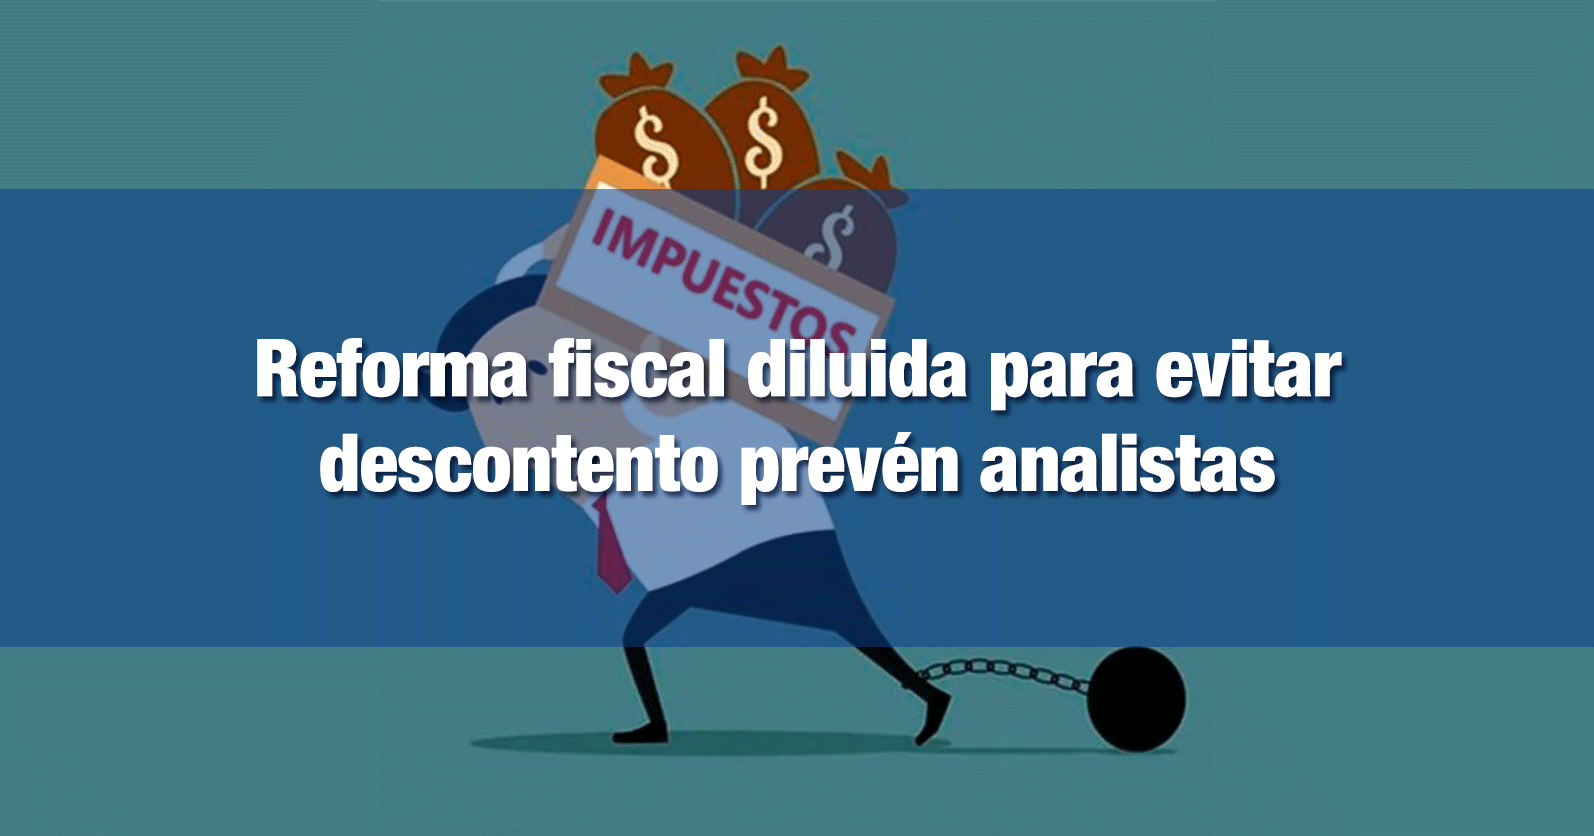 Reforma fiscal diluida para evitar descontento prevén analistas